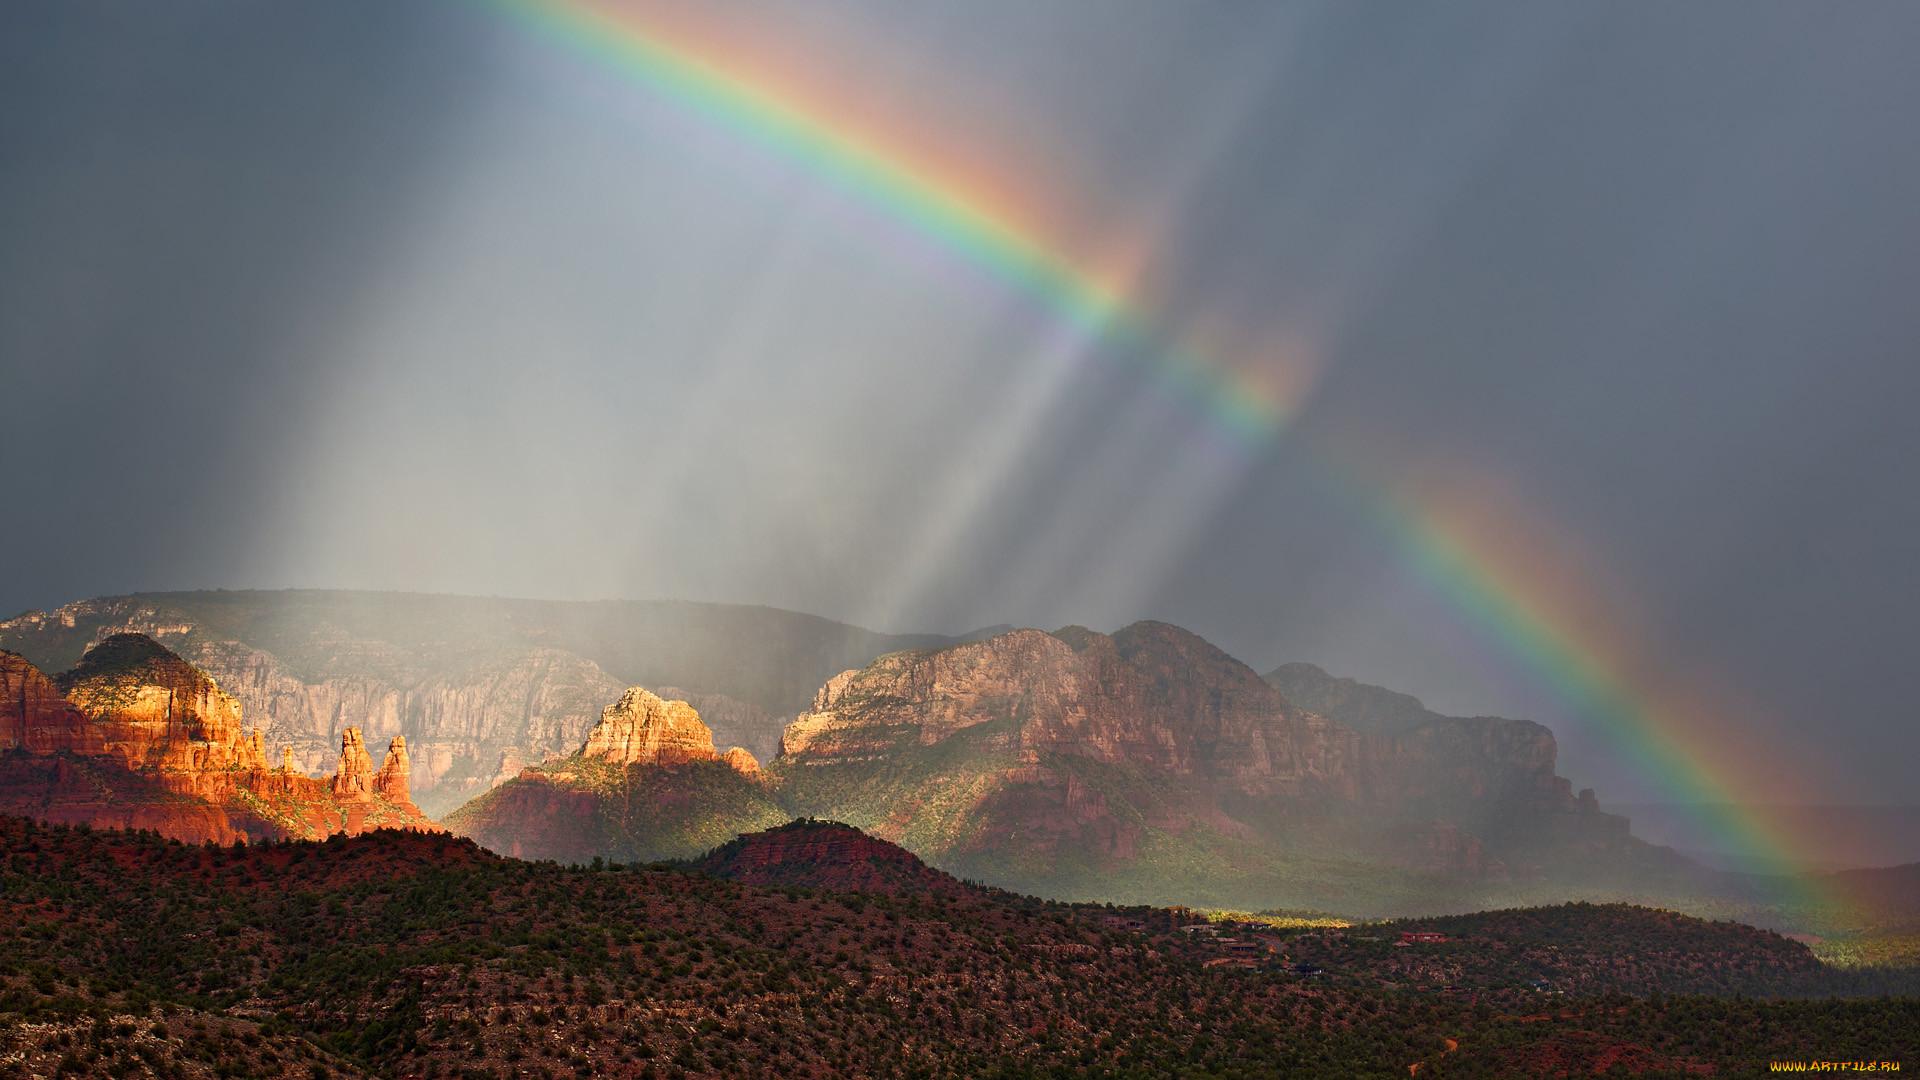 Природная радуга картинки